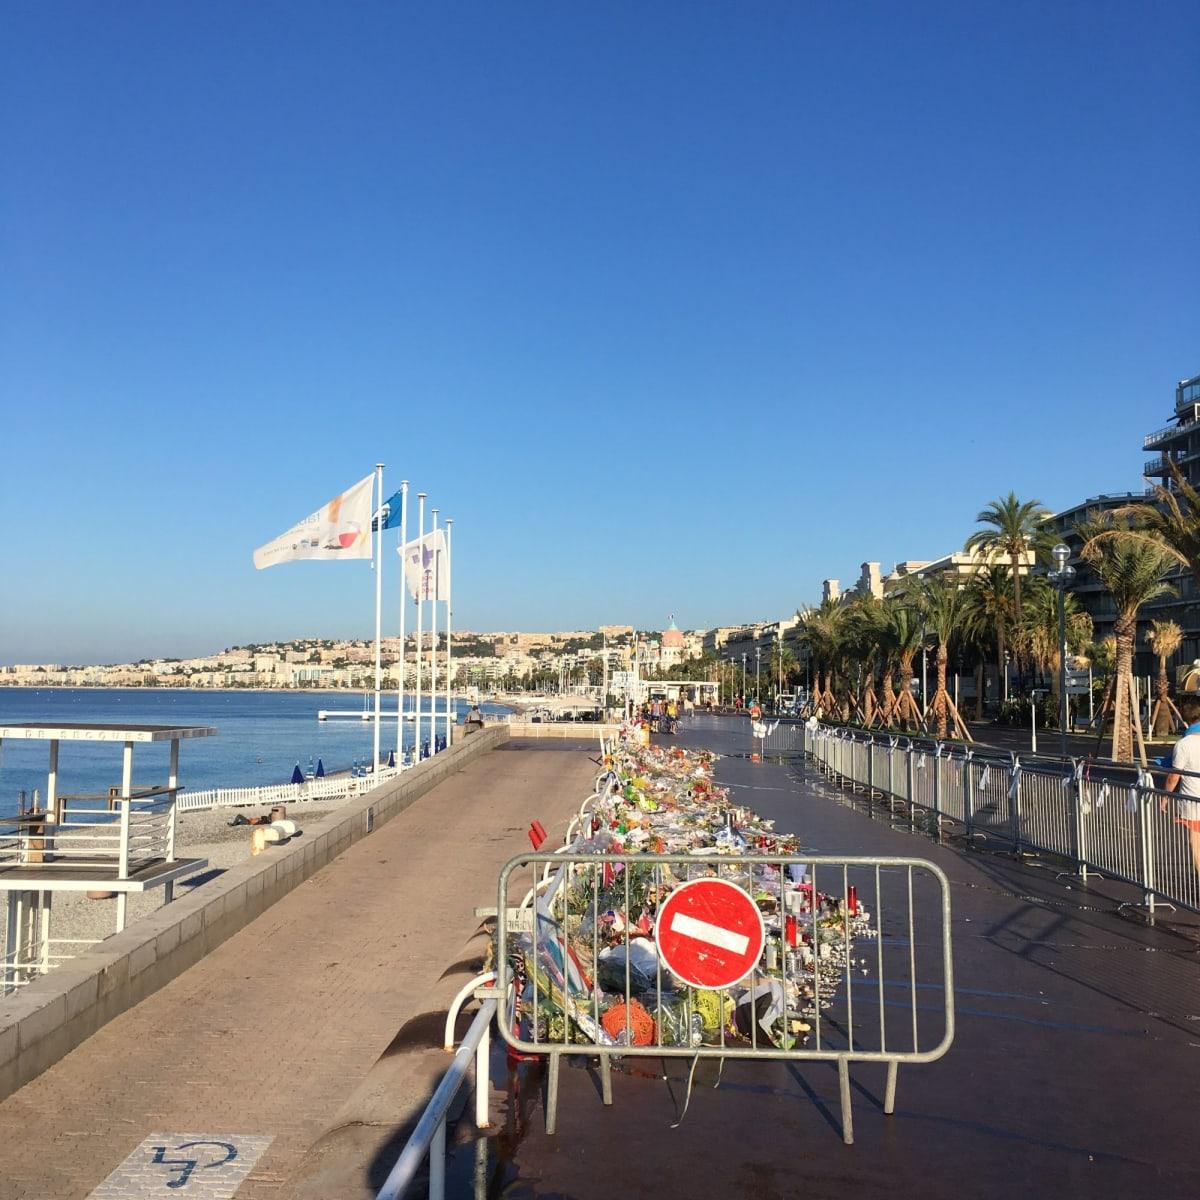 Niceで起きたテロ後だった為、海岸沿いの歩道には沢山の花束が。。 観光客は激減したそうです。 | ヴィルフランシュ=シュル=メール(ニース・リビエラ)